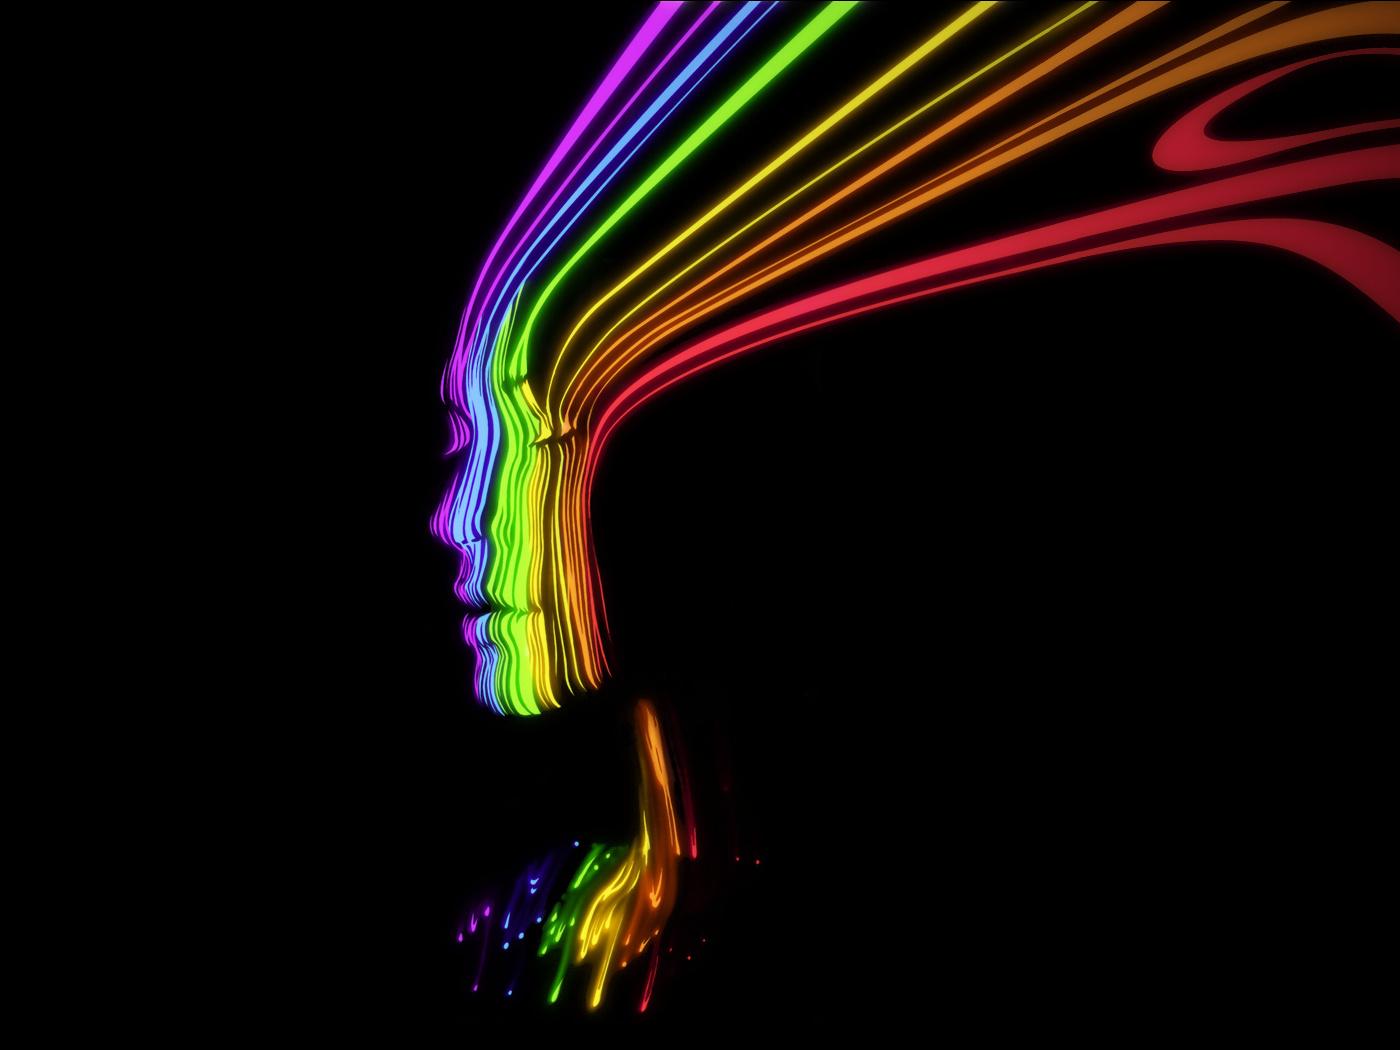 neon violin wallpaper - photo #13